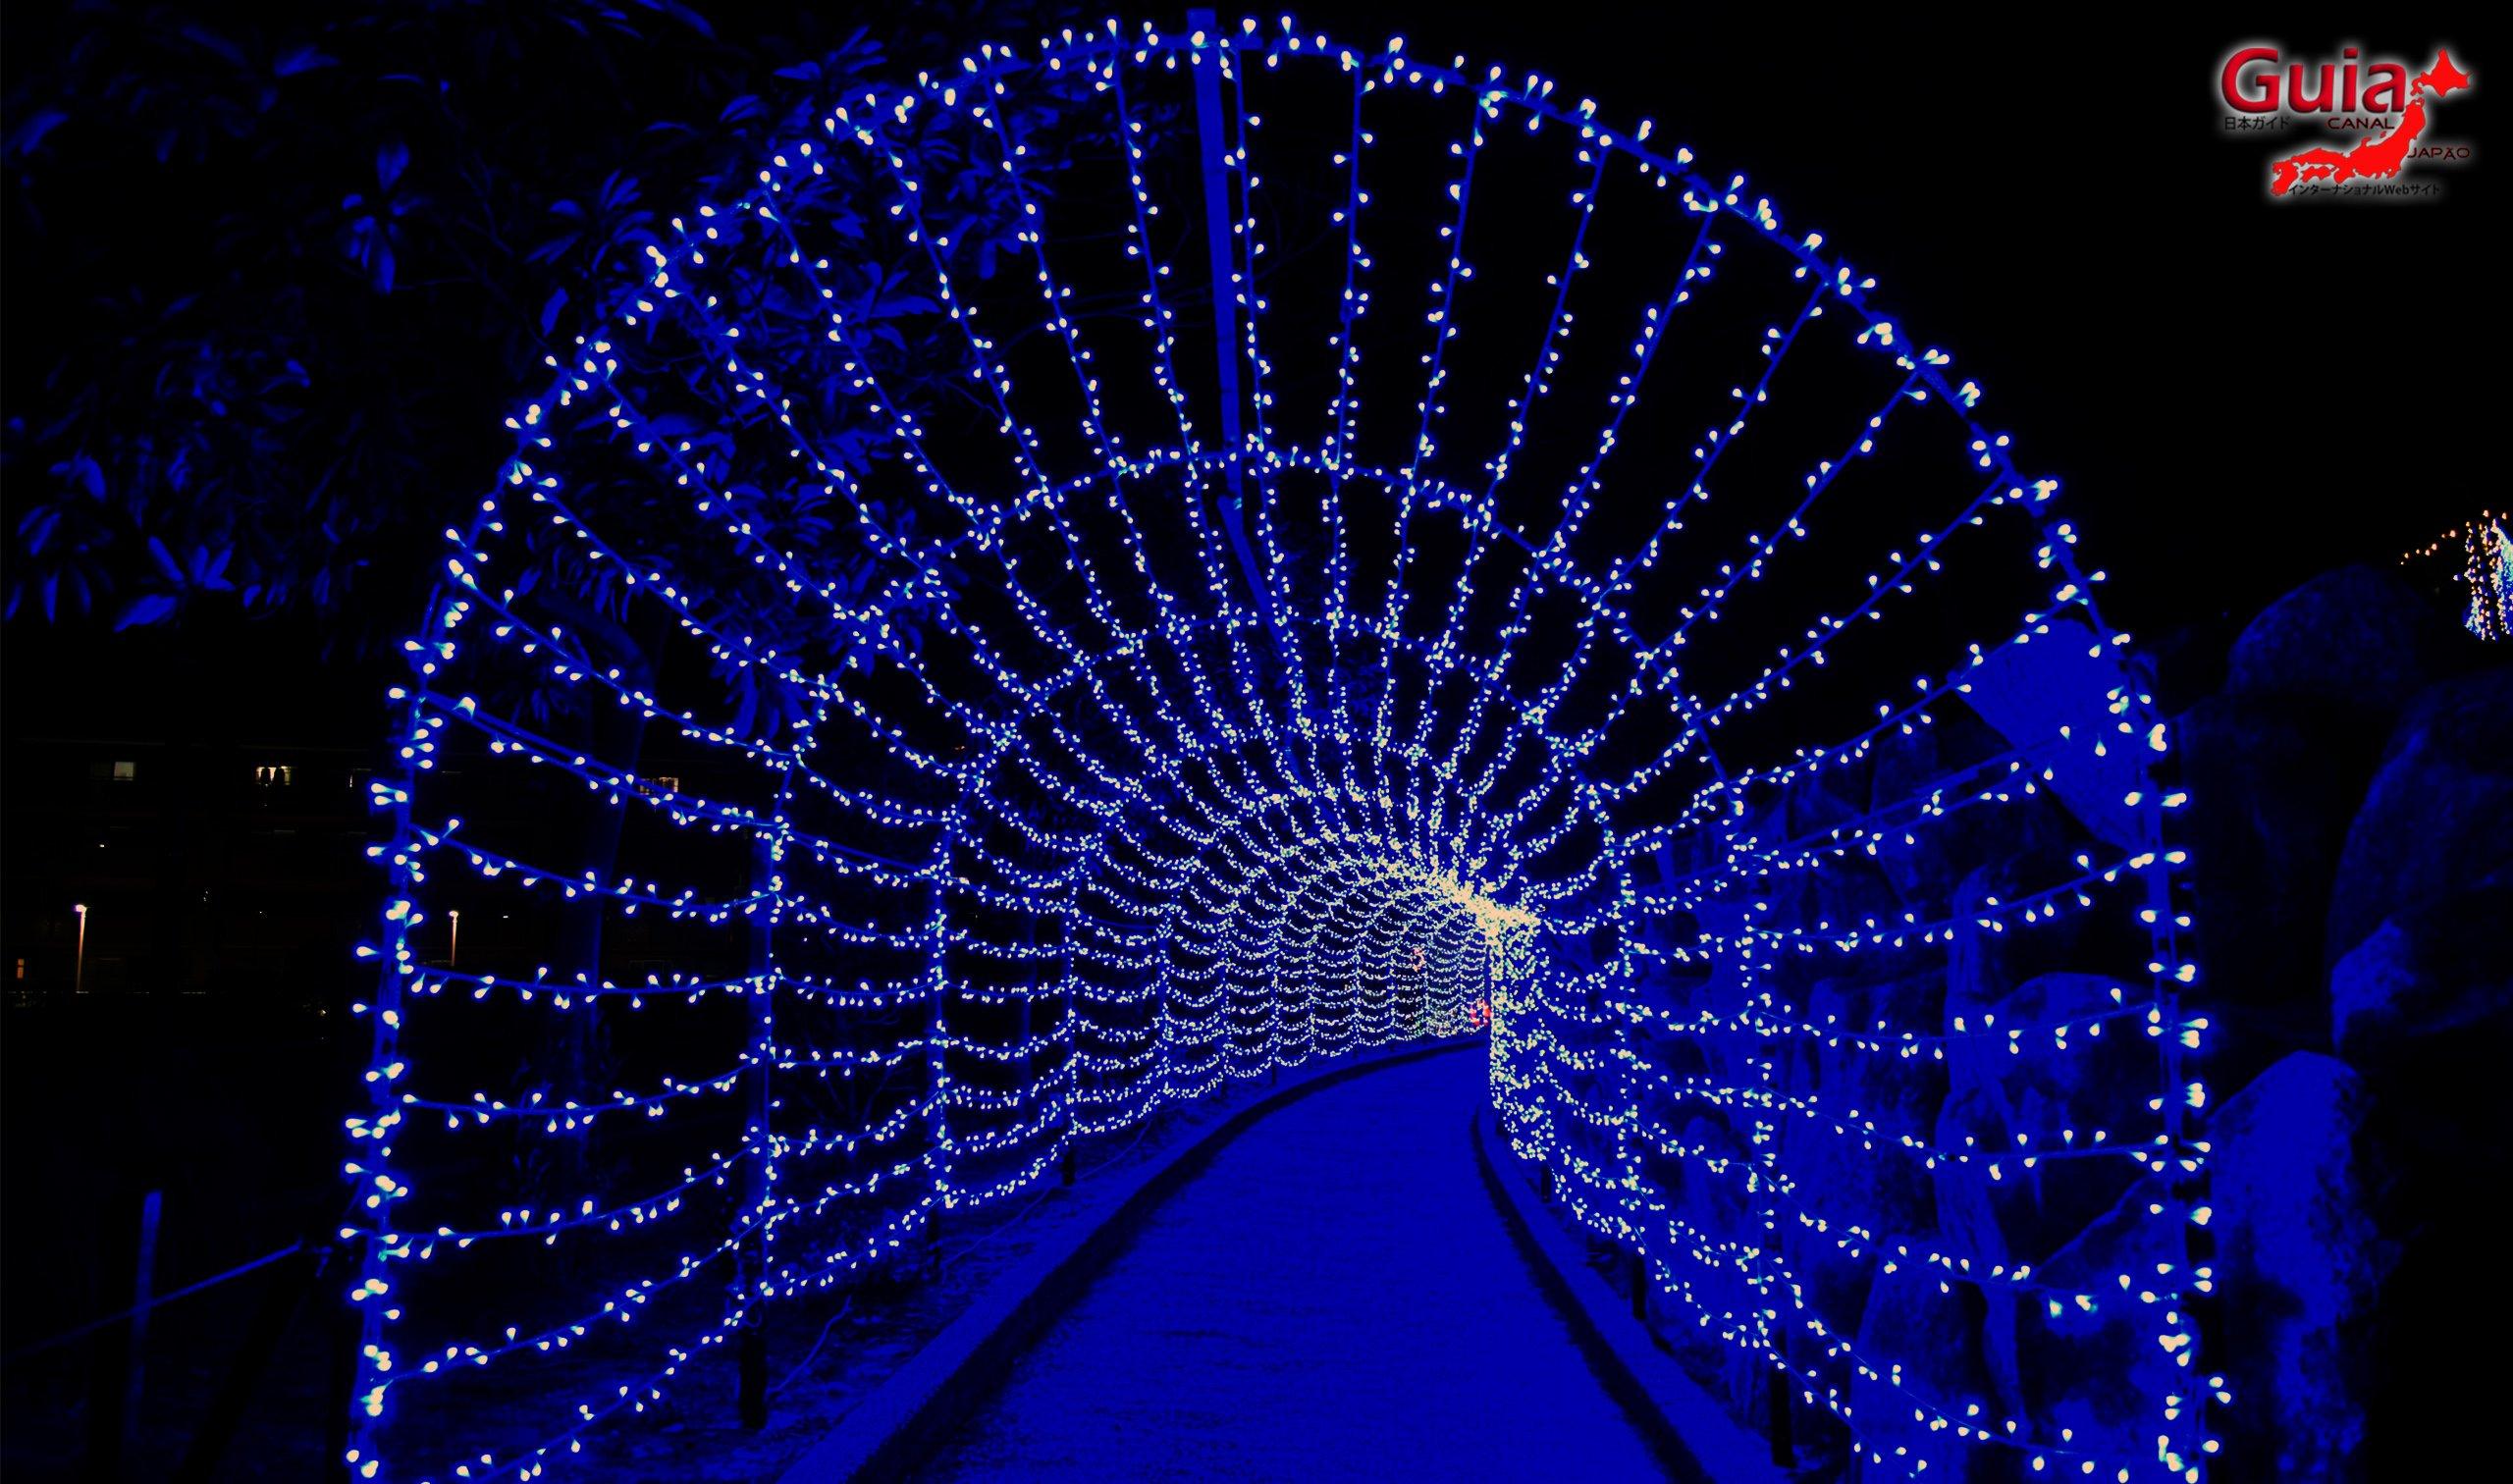 Chiryu - Зул сарын баярын гэрэлтүүлэг 16